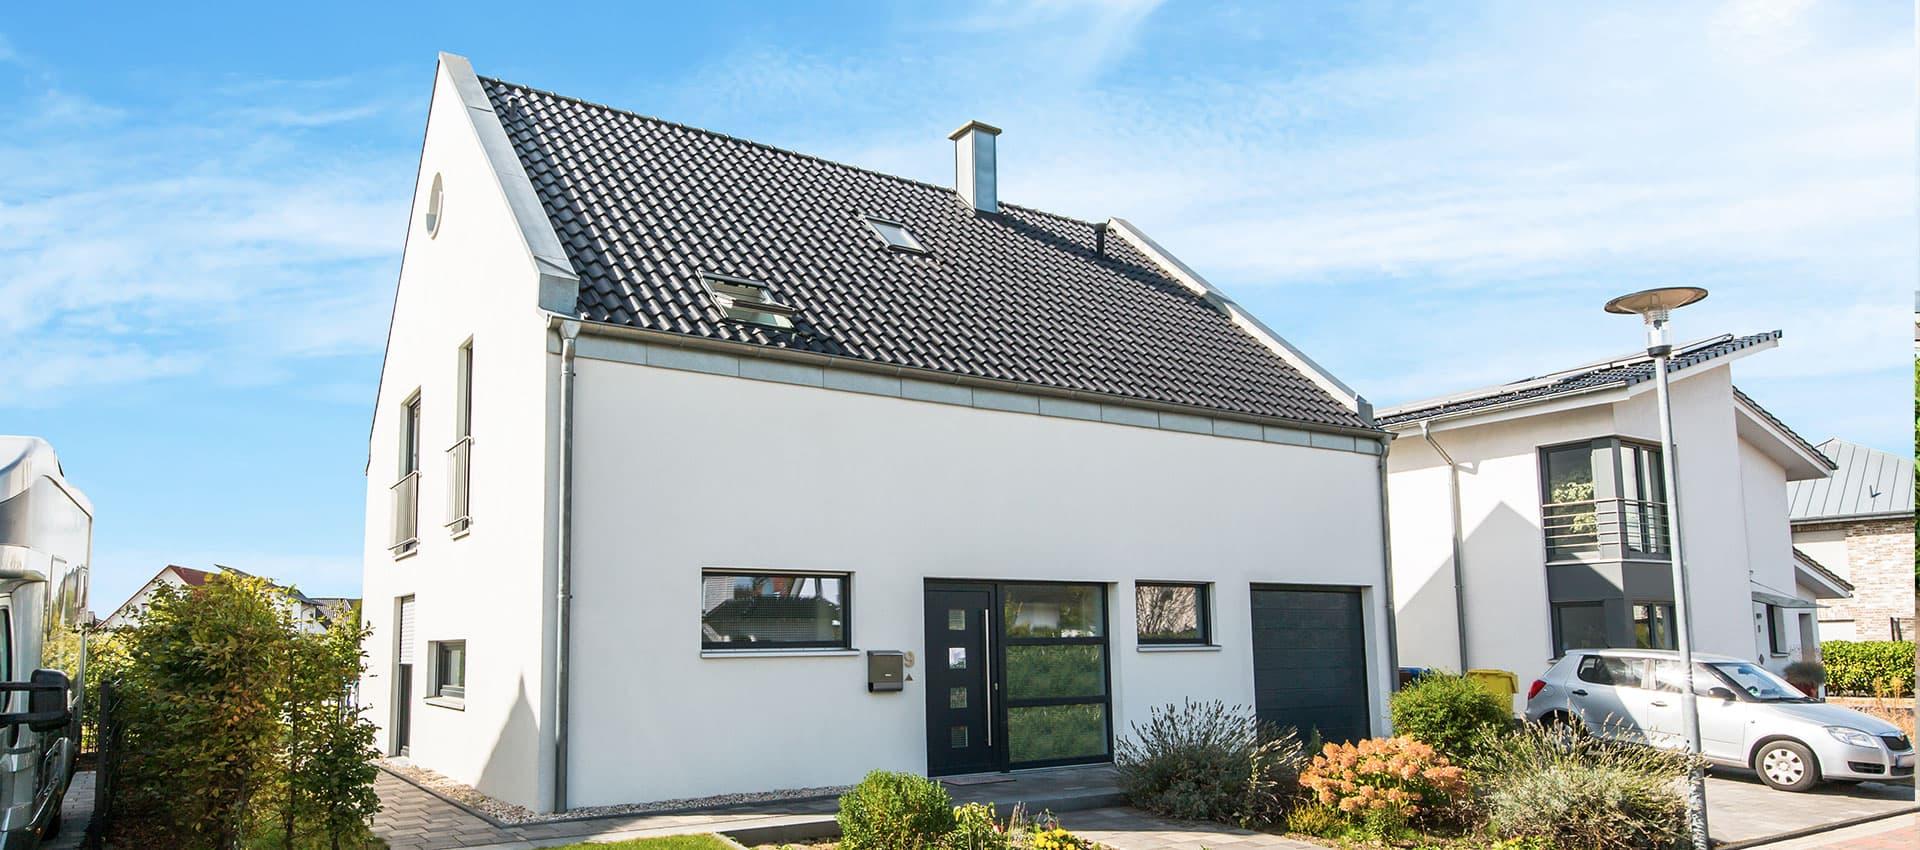 Abbildung Einfamilienhaus